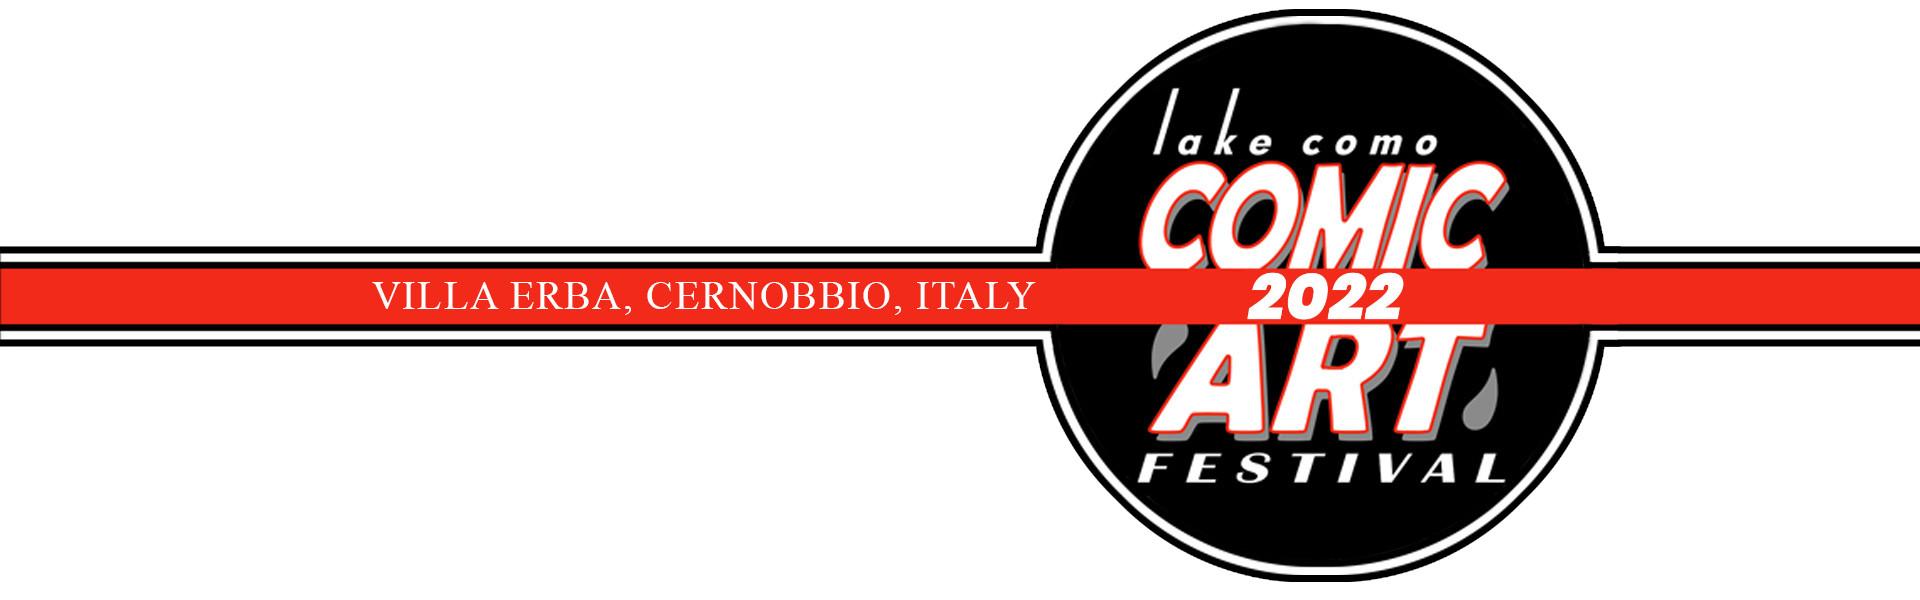 Lake Como Comic Art Festival Logo